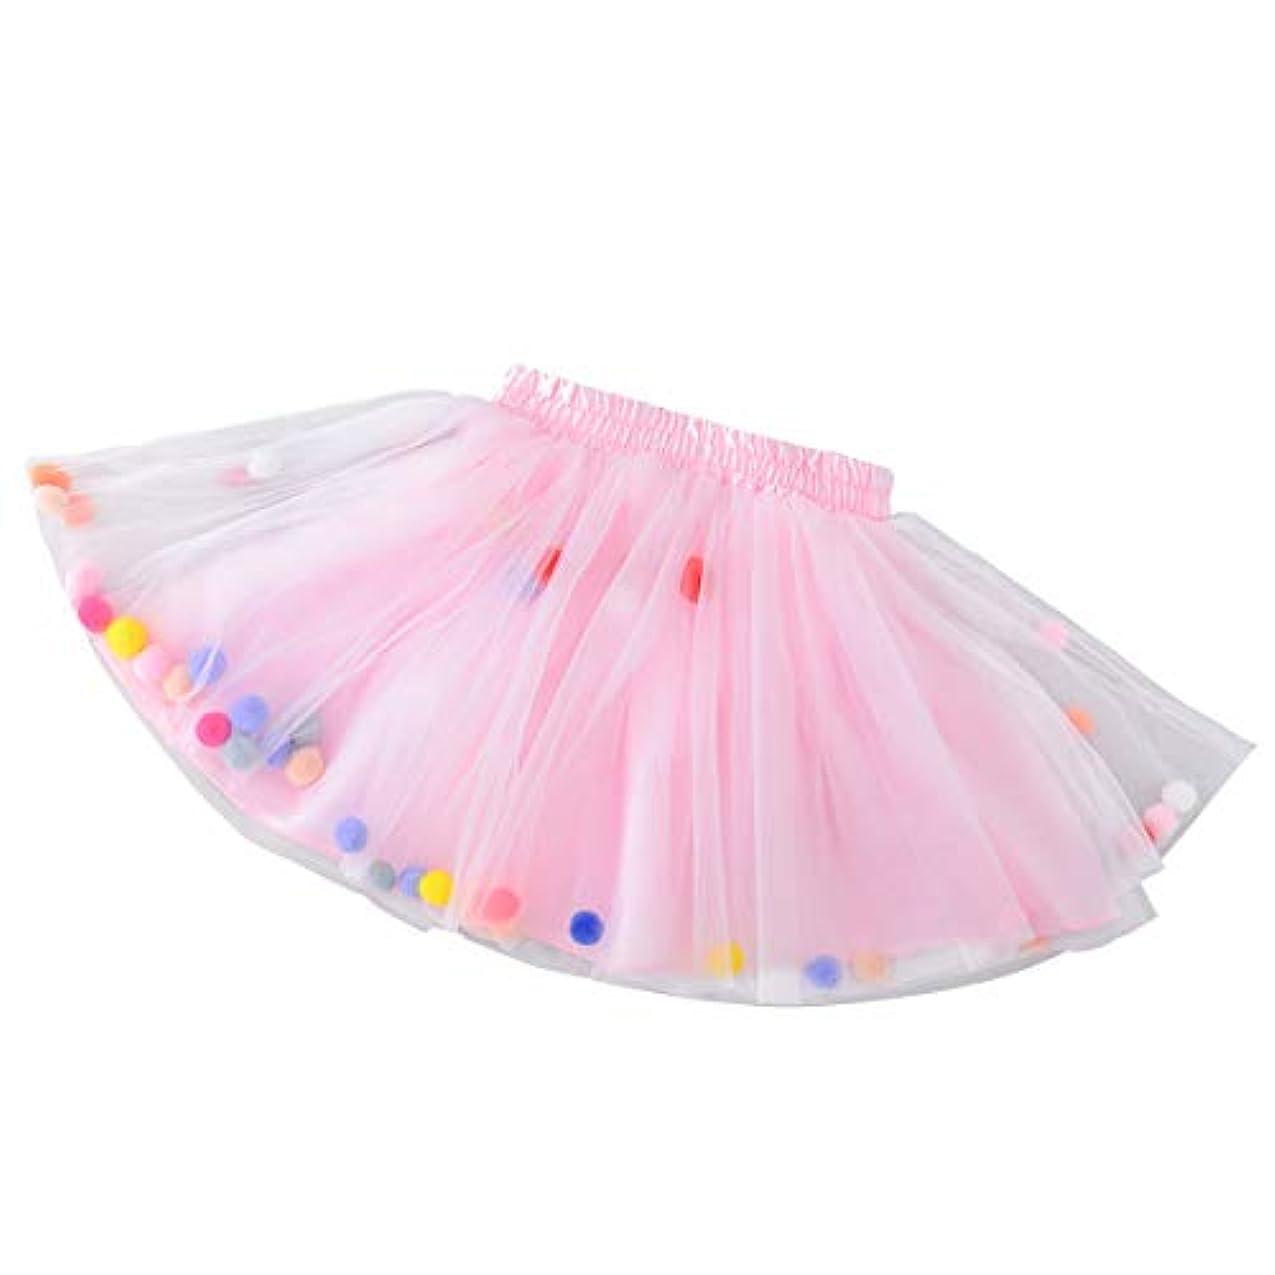 暖炉値下げ土地YeahiBaby 子供チュチュスカートラブリーピンクミディスカートカラフルなファジーボールガーゼスカートプリンセスドレス衣装用女の子(サイズxl)